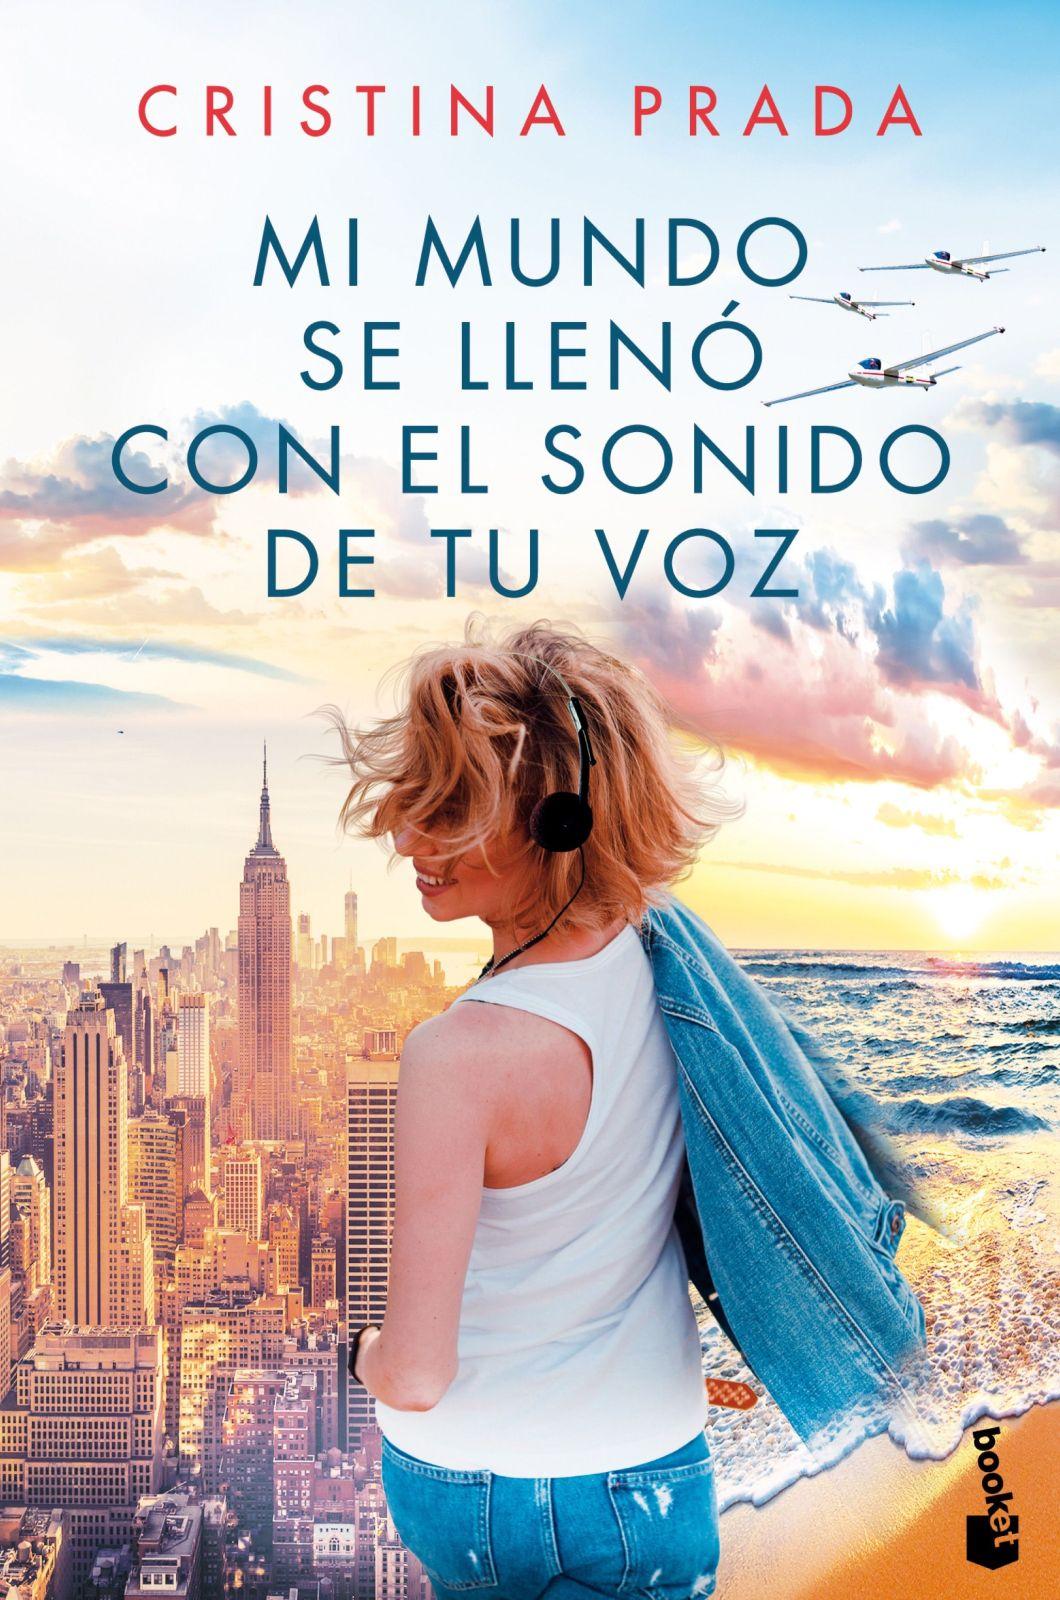 Mi mundo se llenó con el sonido de tu voz - Cristina Prada 352oqy1